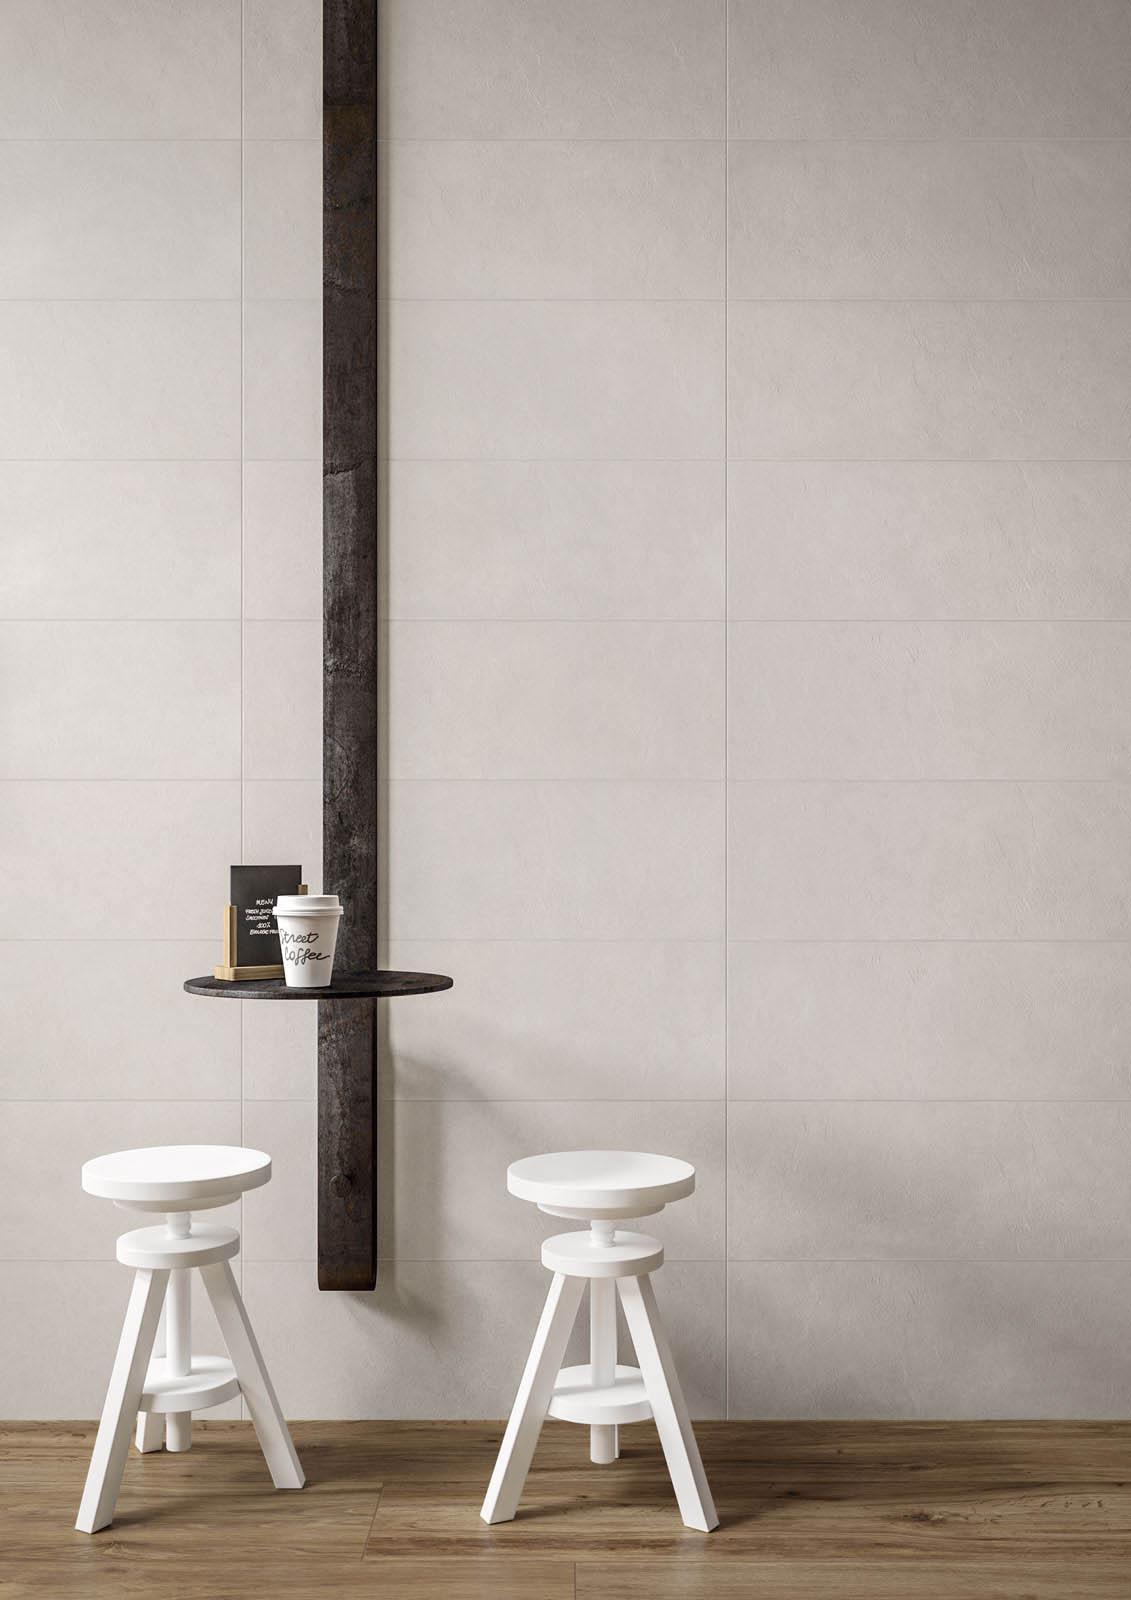 Rivestimento in pietra per interni Effetto Cemento - Marazzi ...